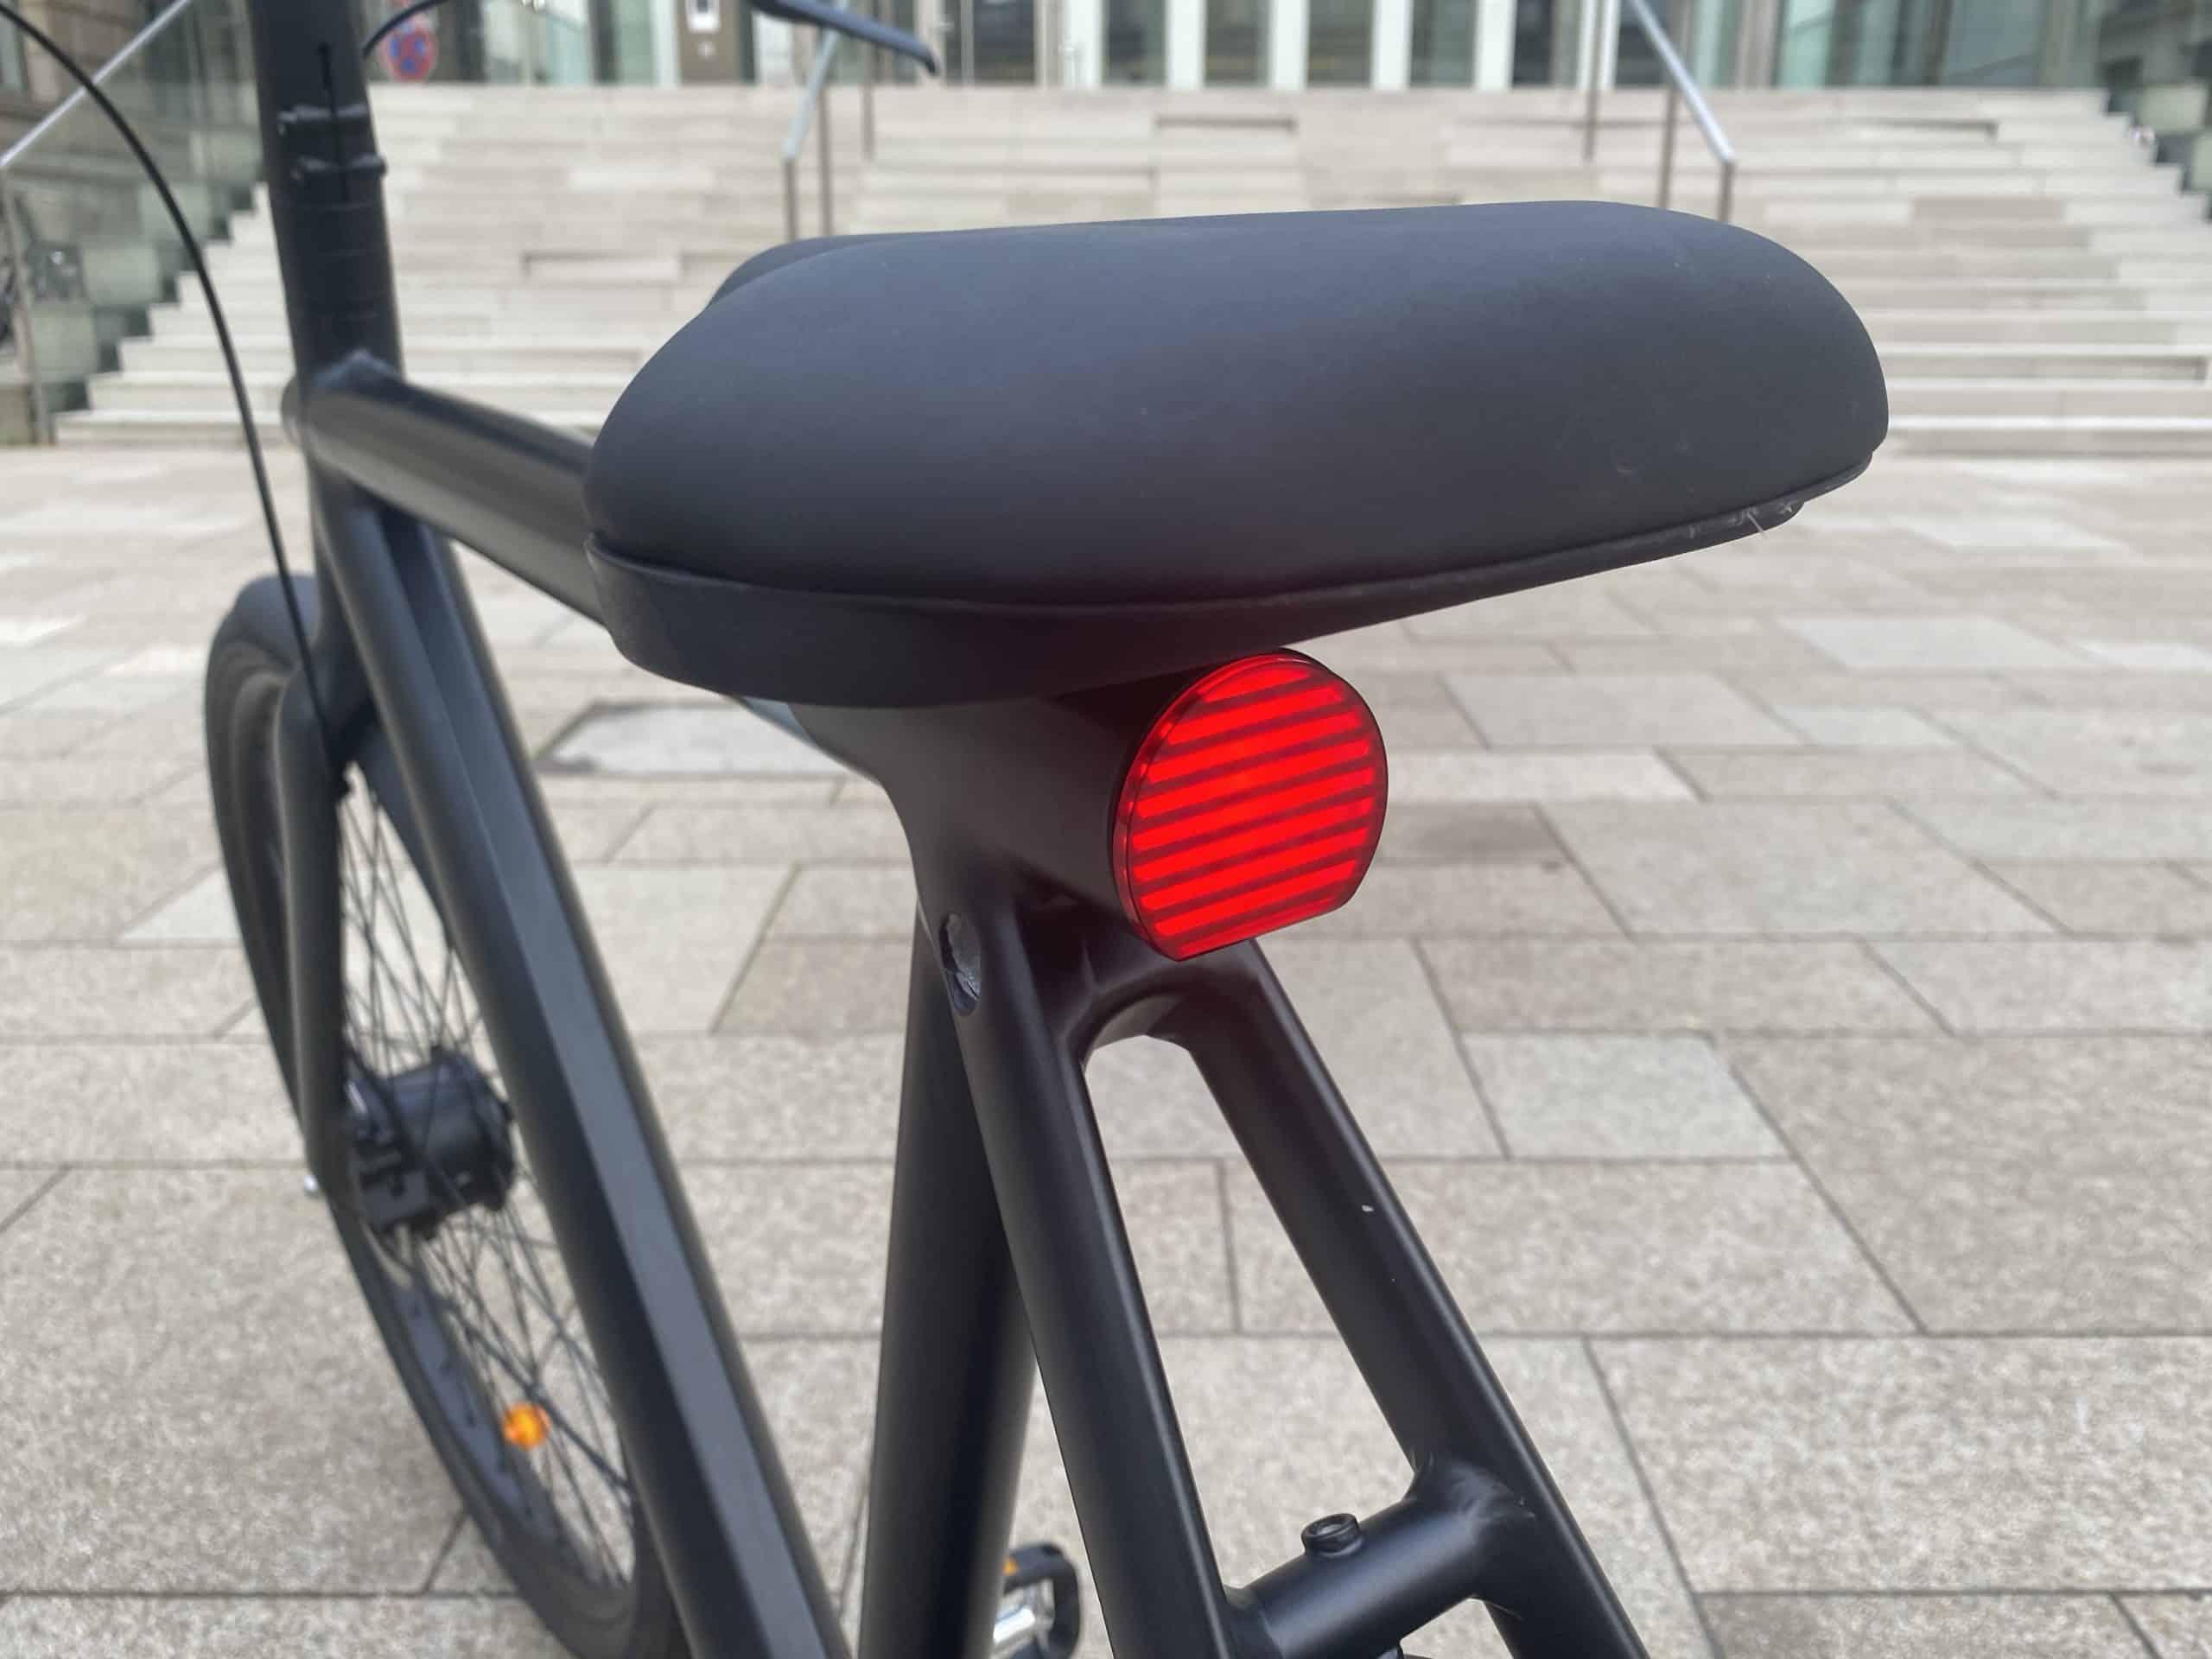 Hinterlicht am E-Bike VanMoof S3